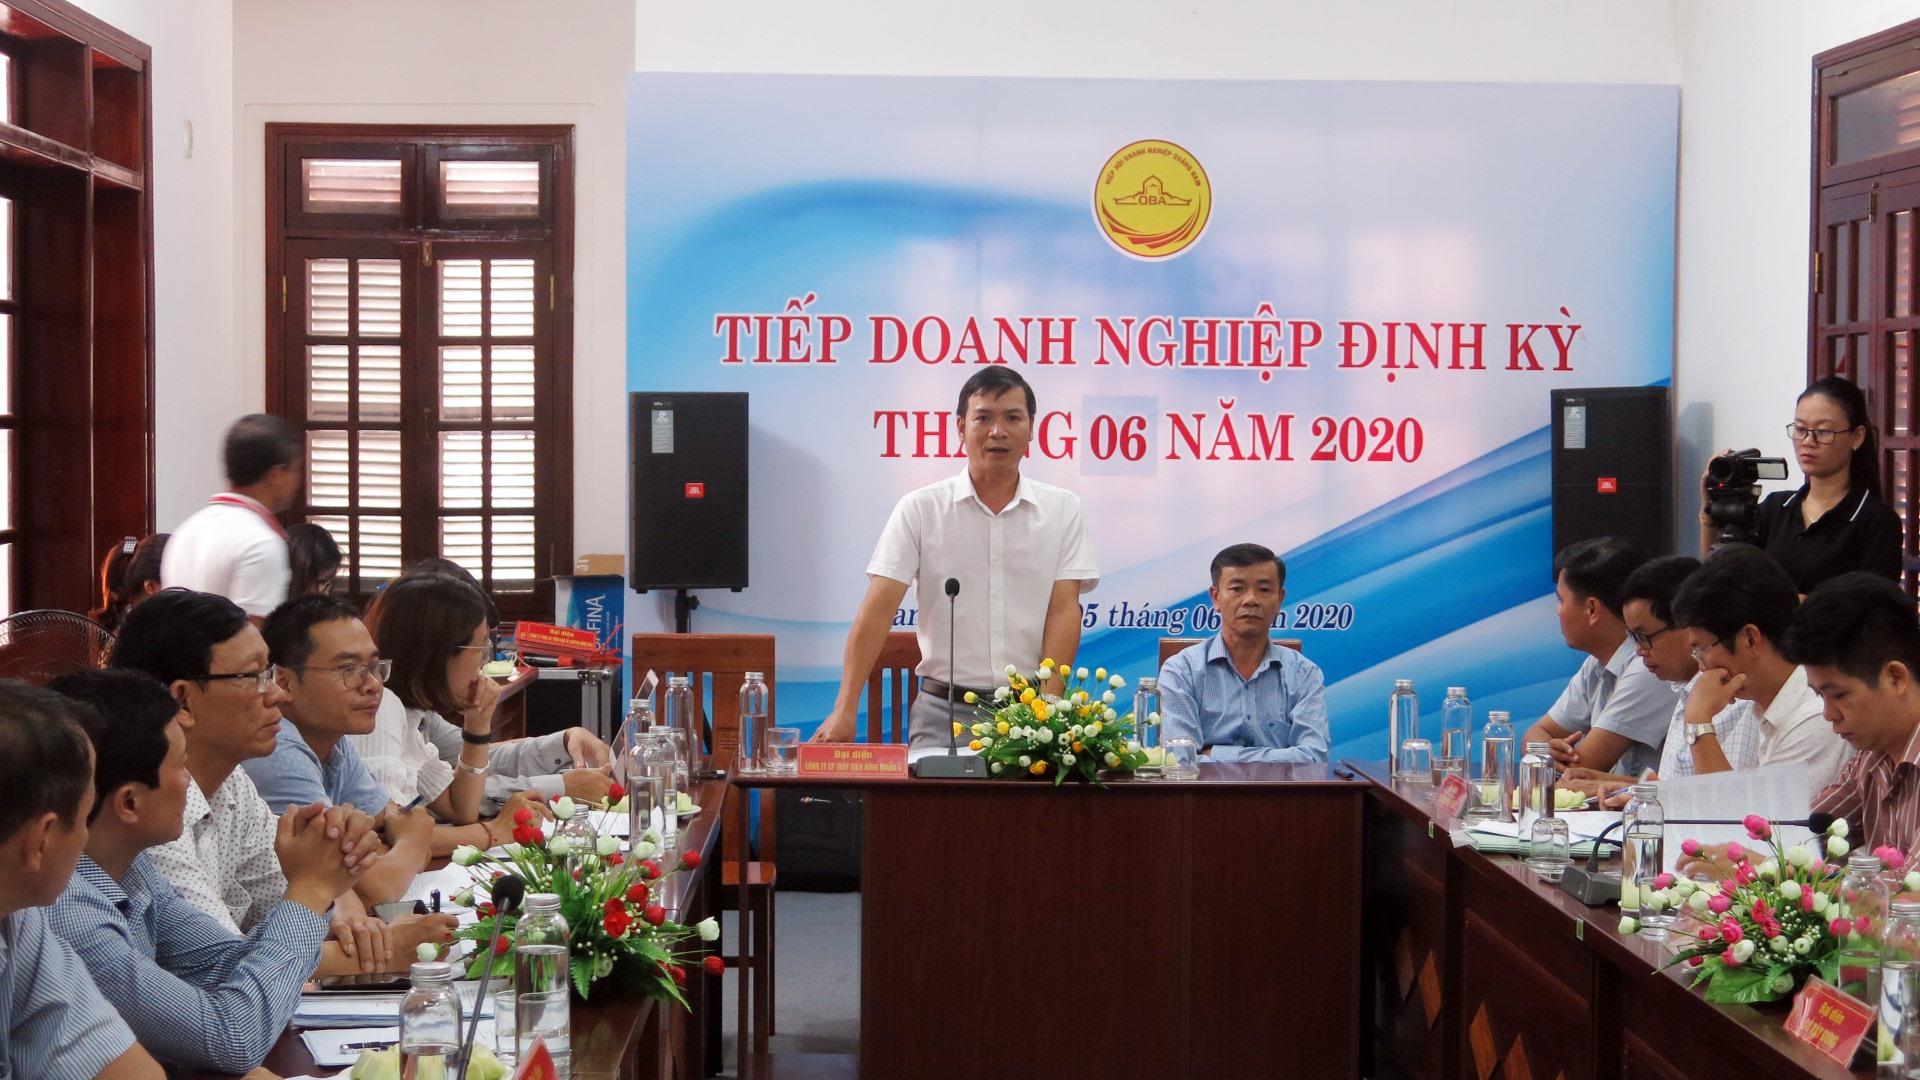 Các kiến nghị của doanh nghiệp định kỳ tháng 6 được lãnh đạo UBND tỉnh lắng nghe để giải quyết . Ảnh: T.D